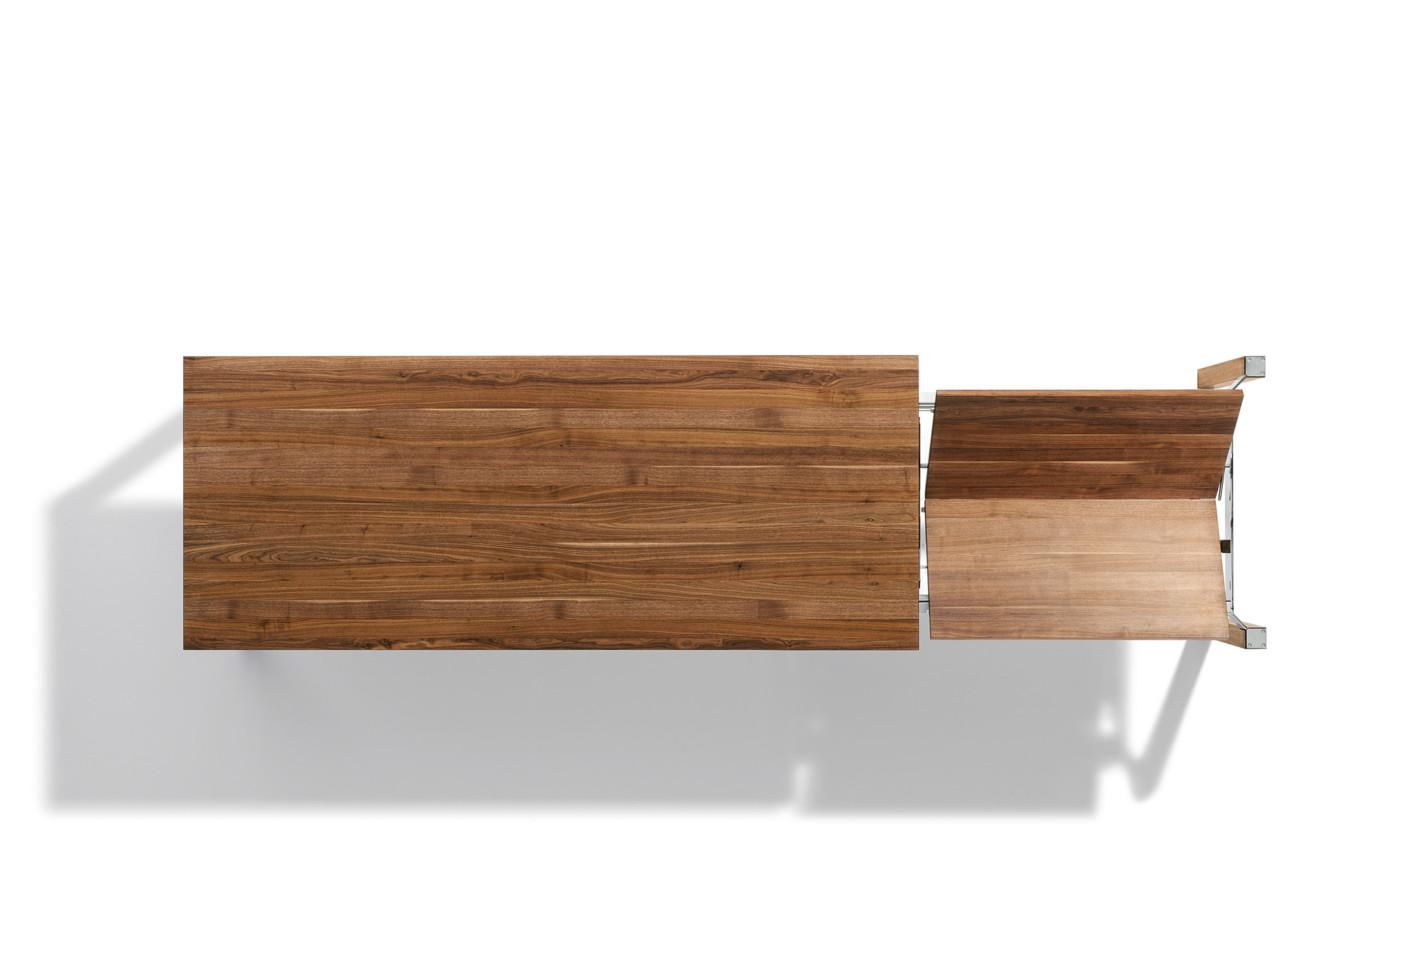 cubus plus tisch ausziehbar von team 7 stylepark. Black Bedroom Furniture Sets. Home Design Ideas